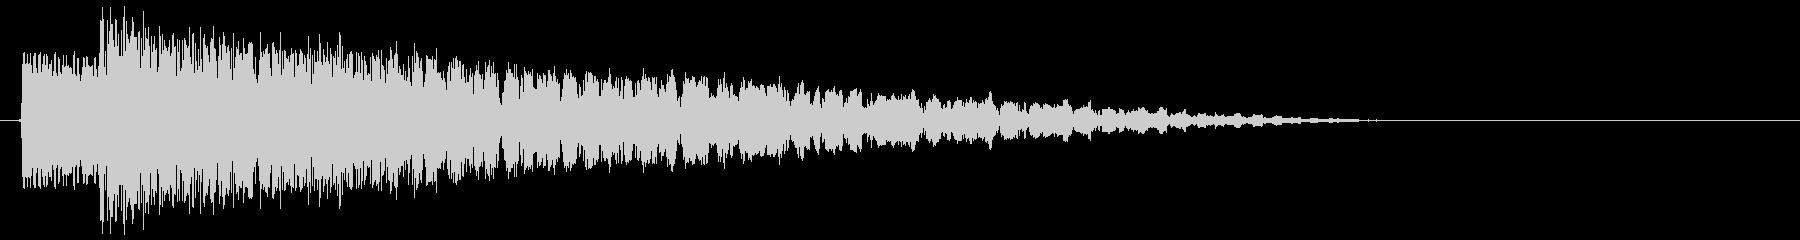 レトロなUFO ピロピロ音の未再生の波形